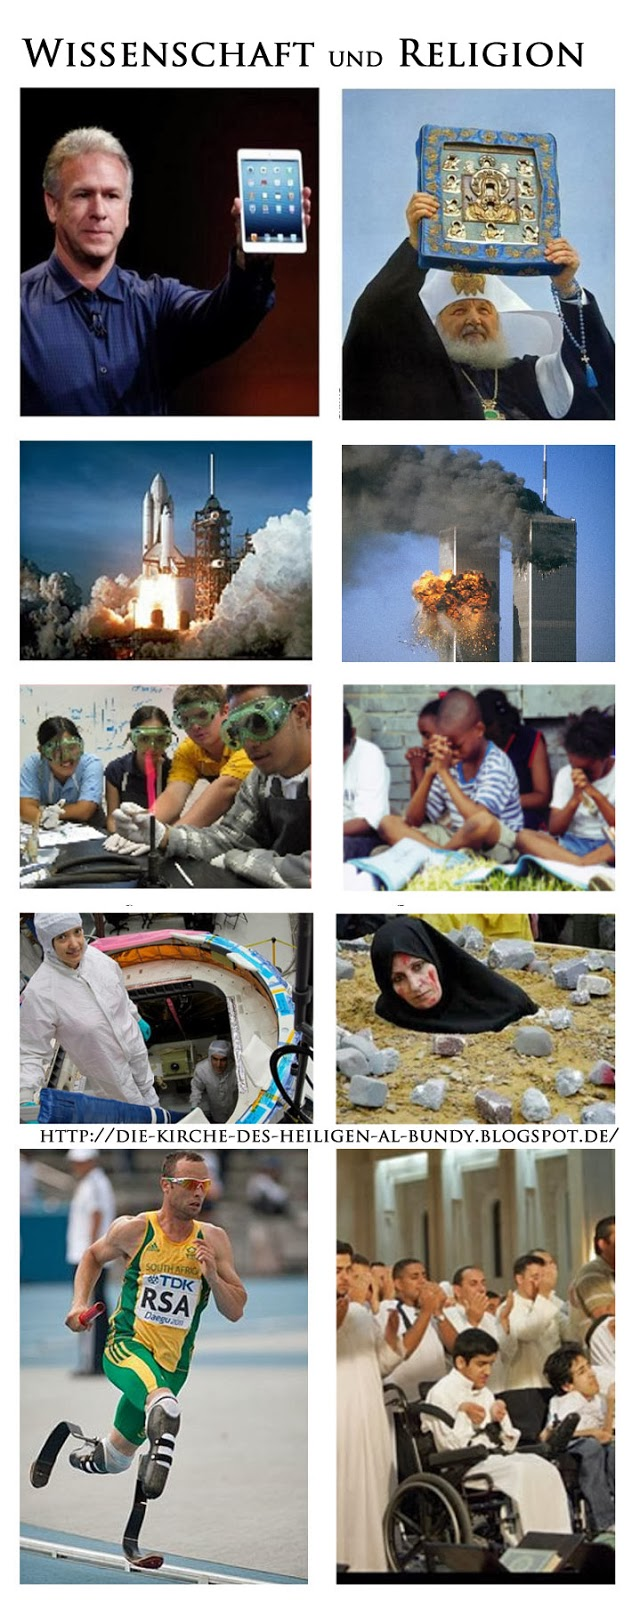 Unterschied zwischen Wissenschaft und Religion lustig